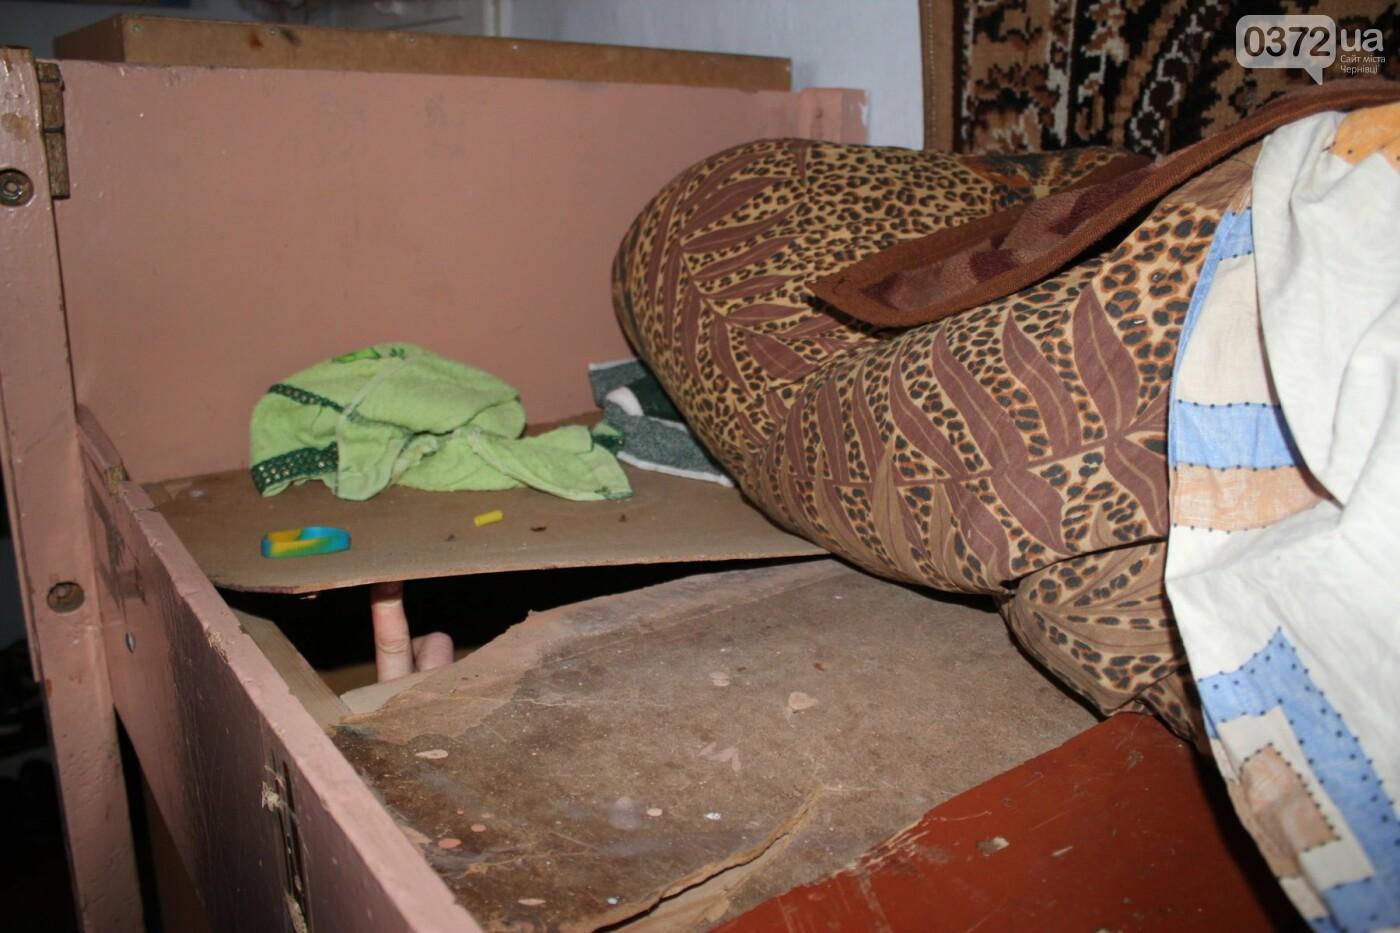 Учні школи-інтернату на Буковині живуть в жахливих умовах, - омбудсмен, фото-2